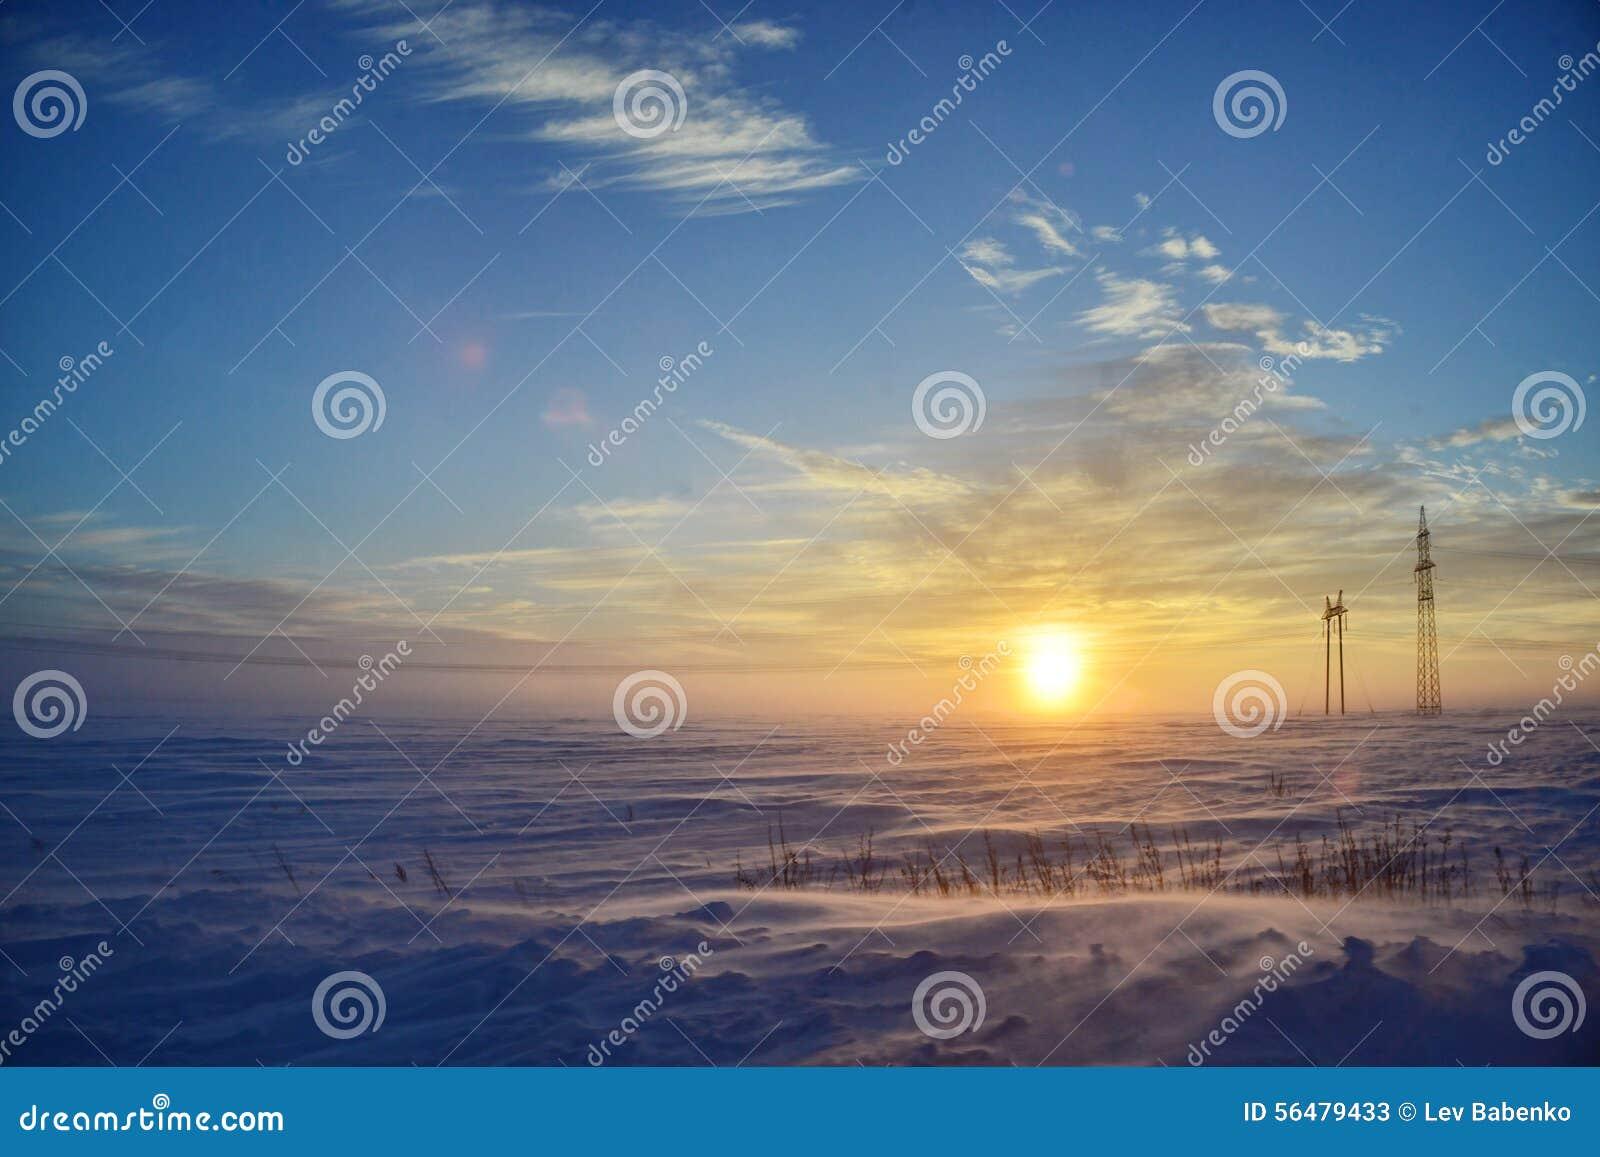 Tempête de neige dans le désert au coucher du soleil